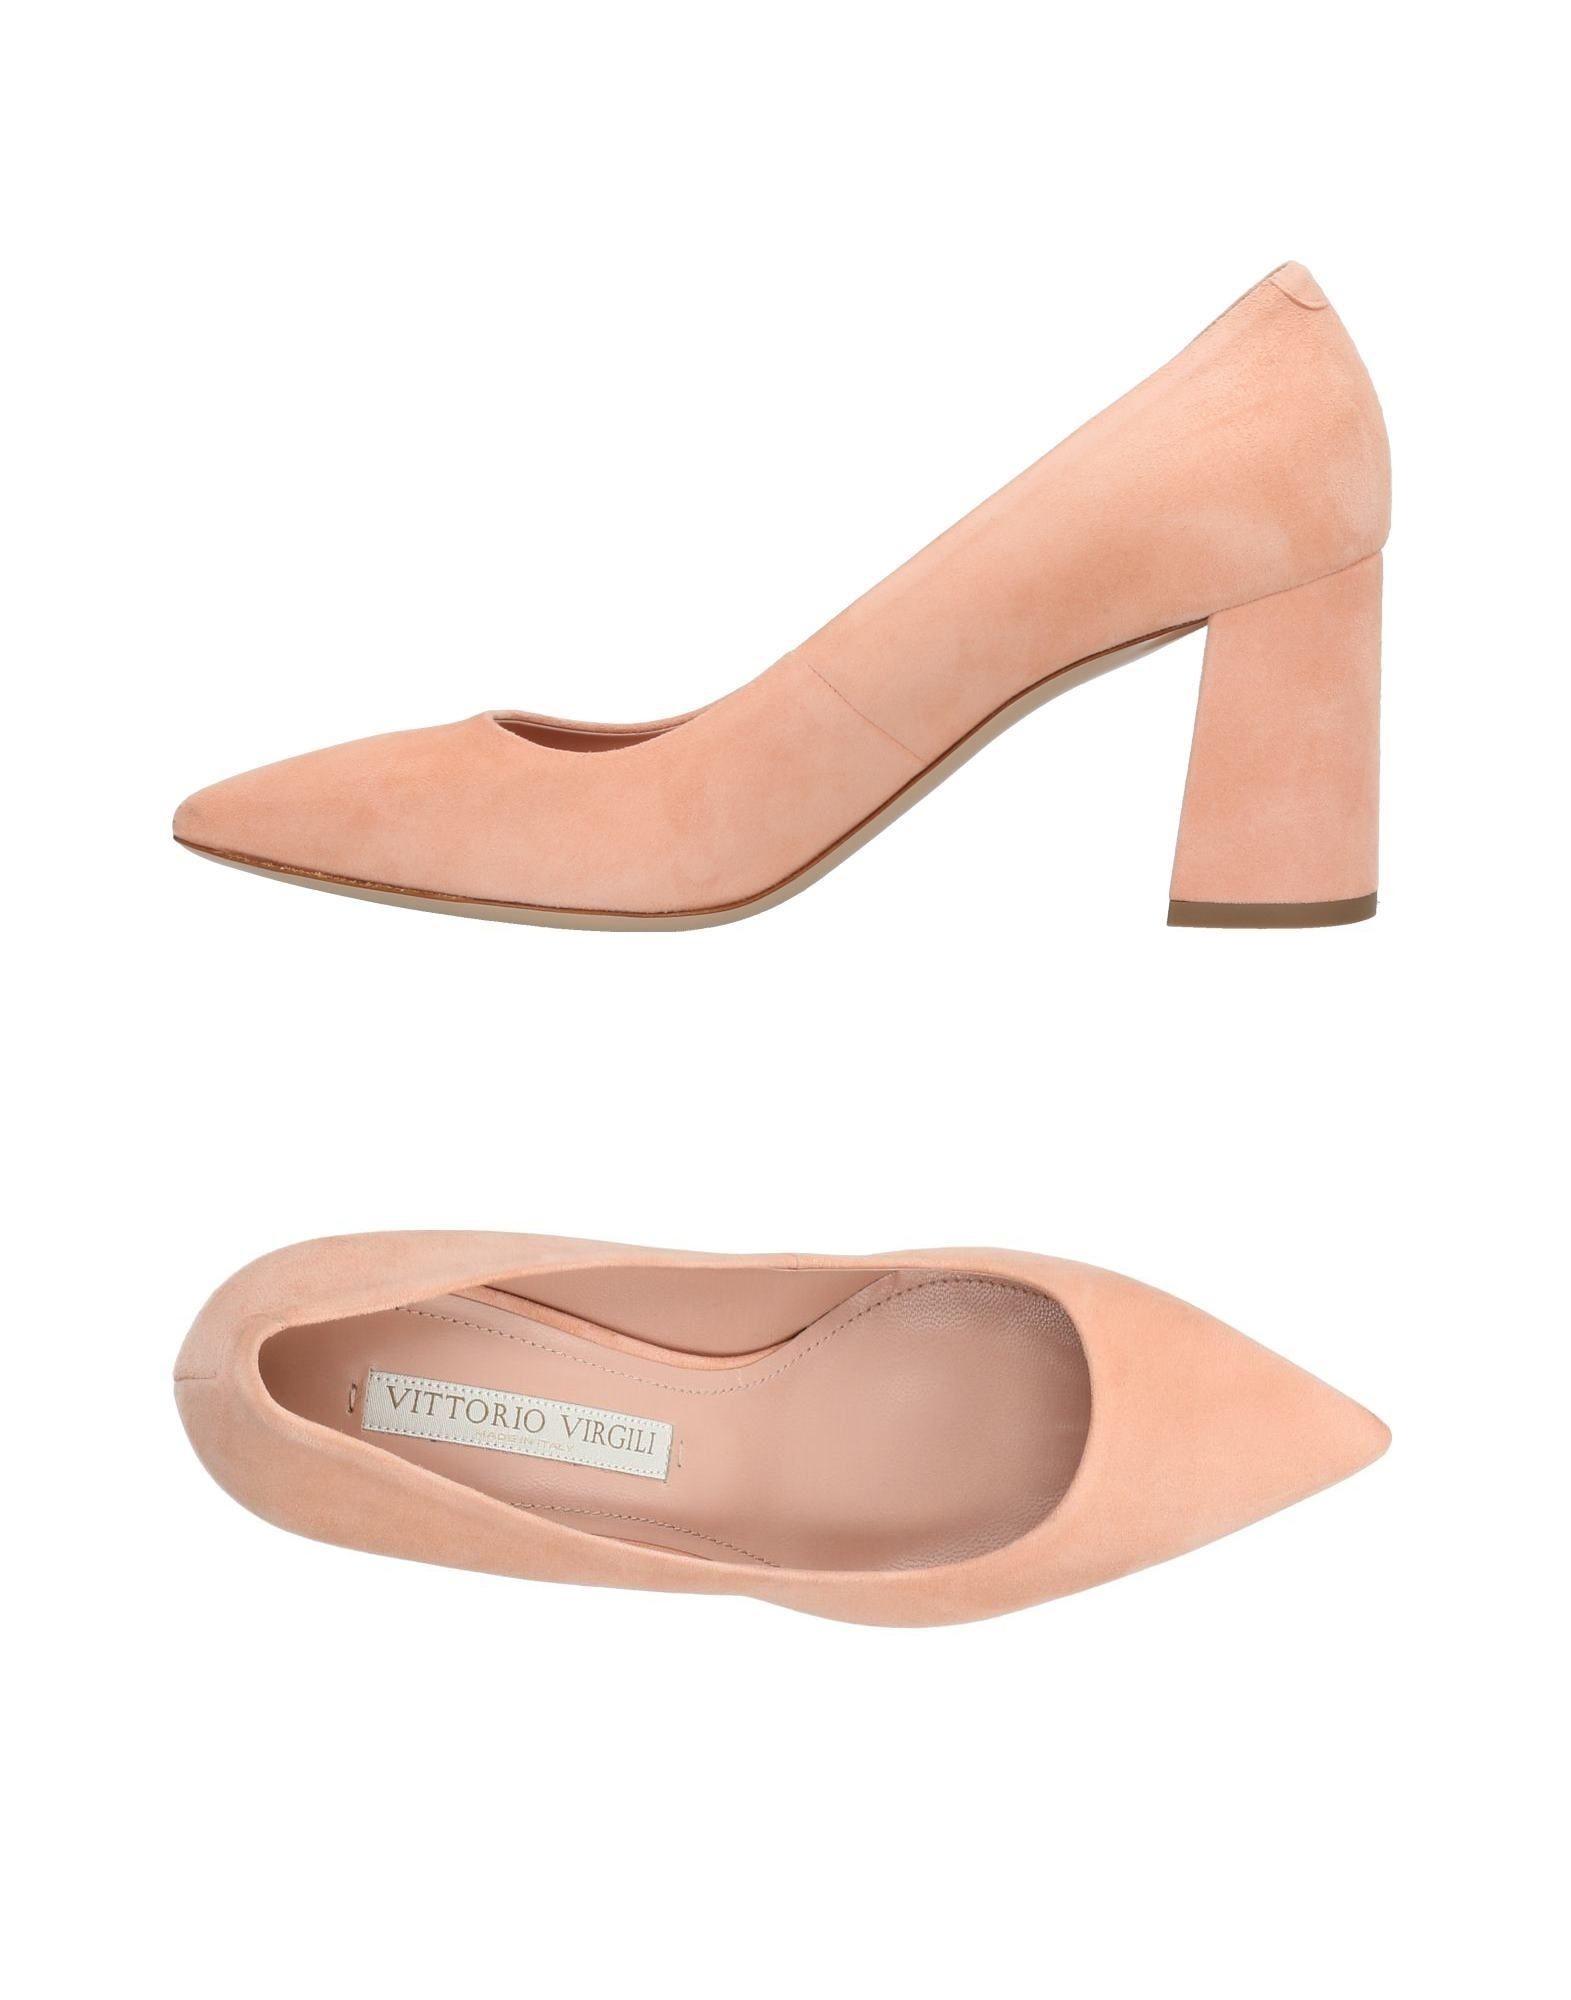 Vittorio Virgili Pumps Damen  11427186TI Gute Qualität beliebte Schuhe